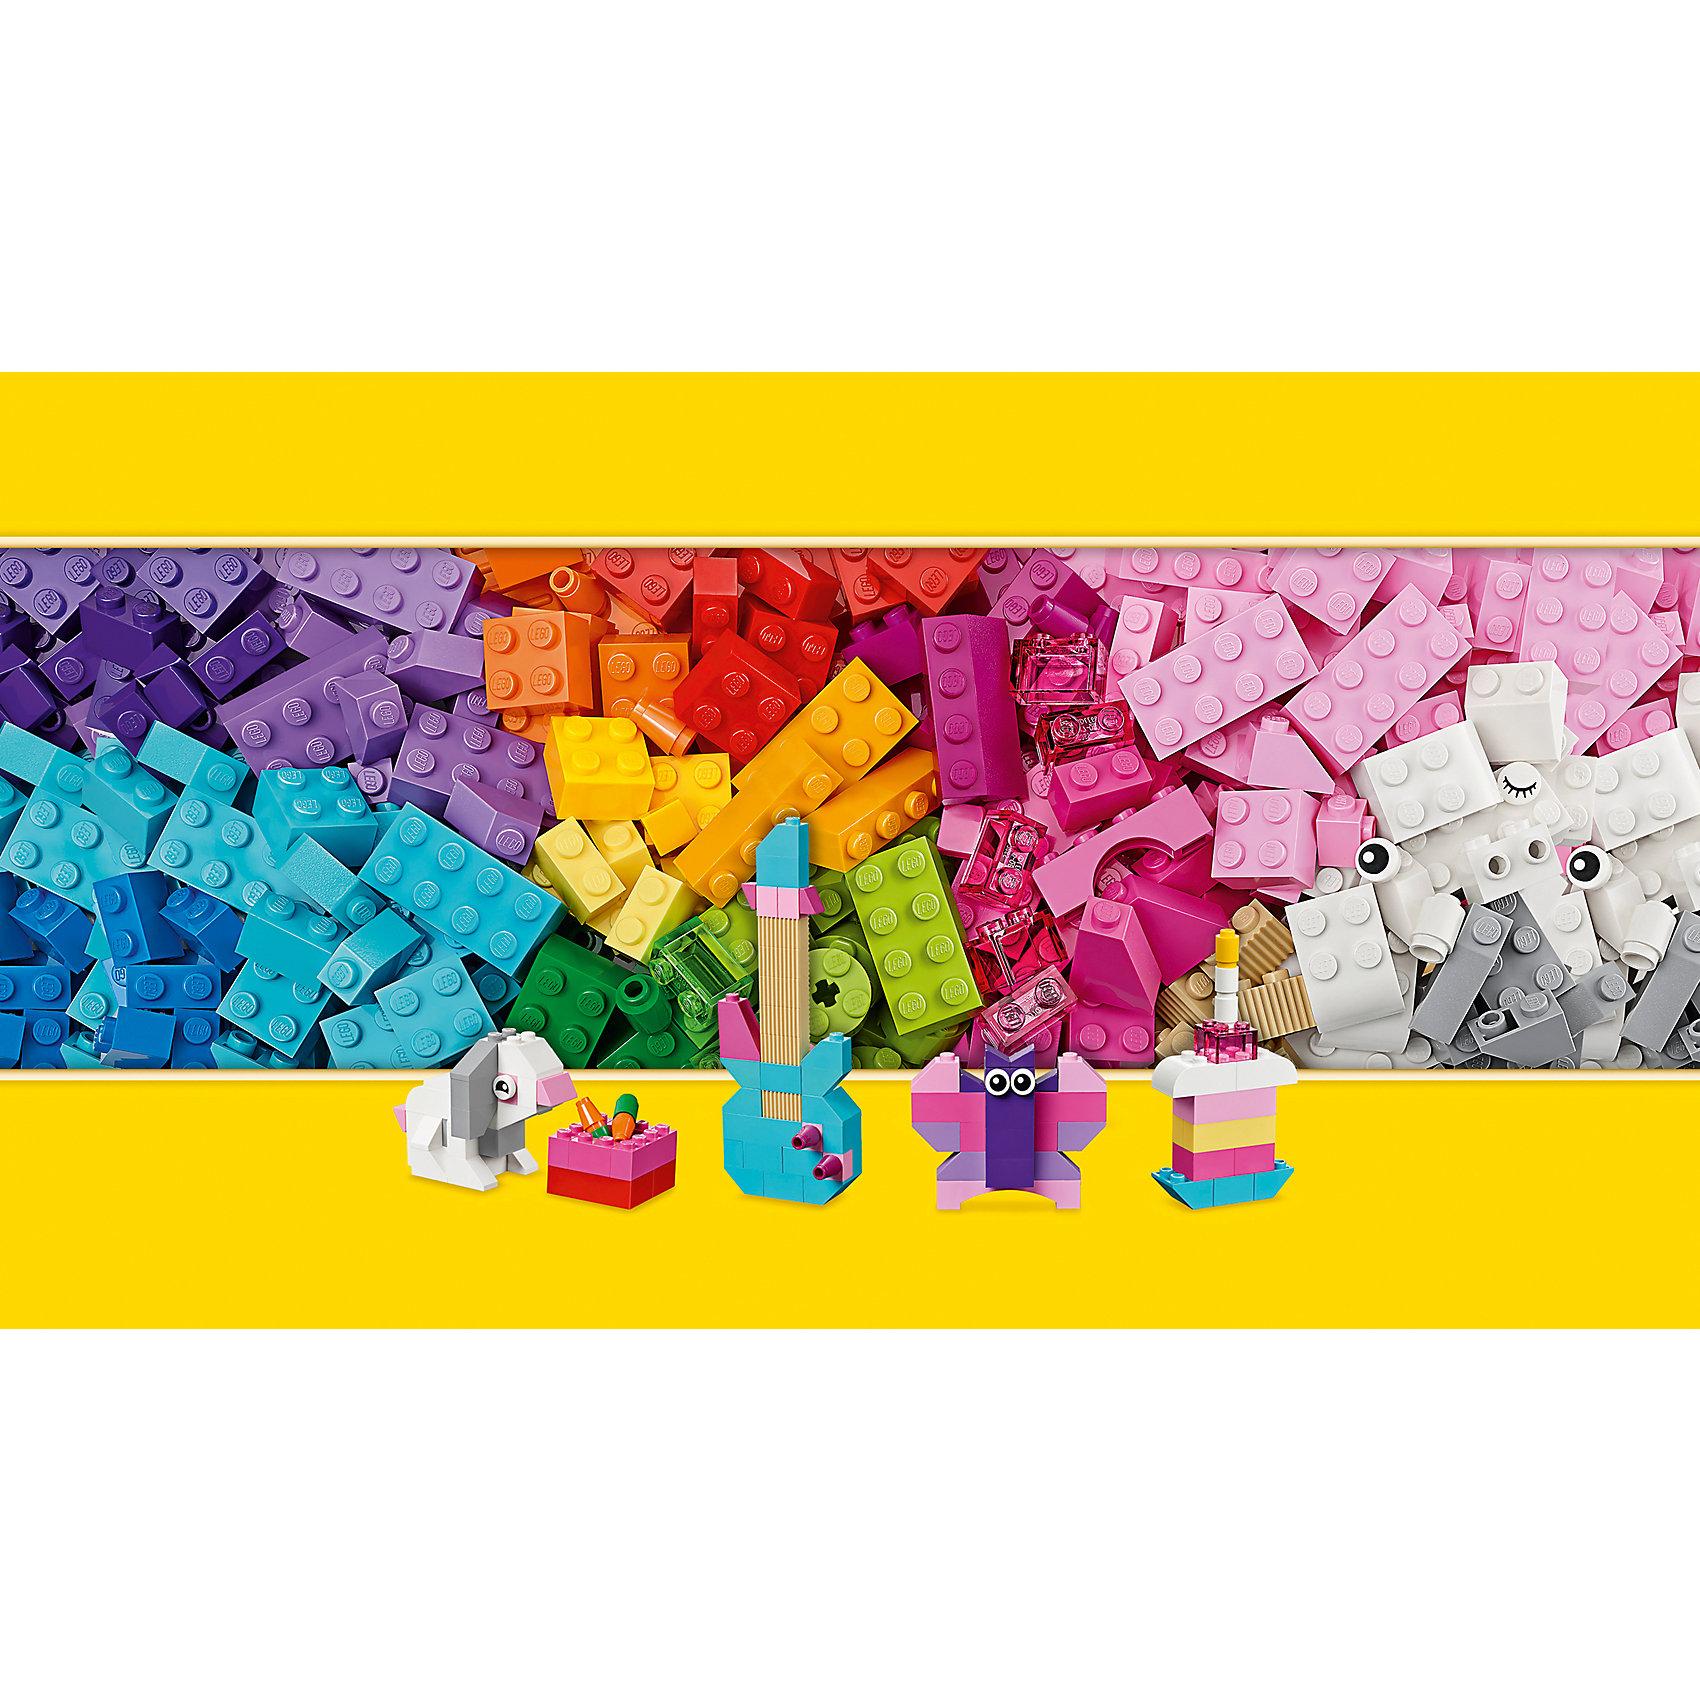 LEGO Classic 10694: ���������� � ������ ��� ���������� � ���������� �����